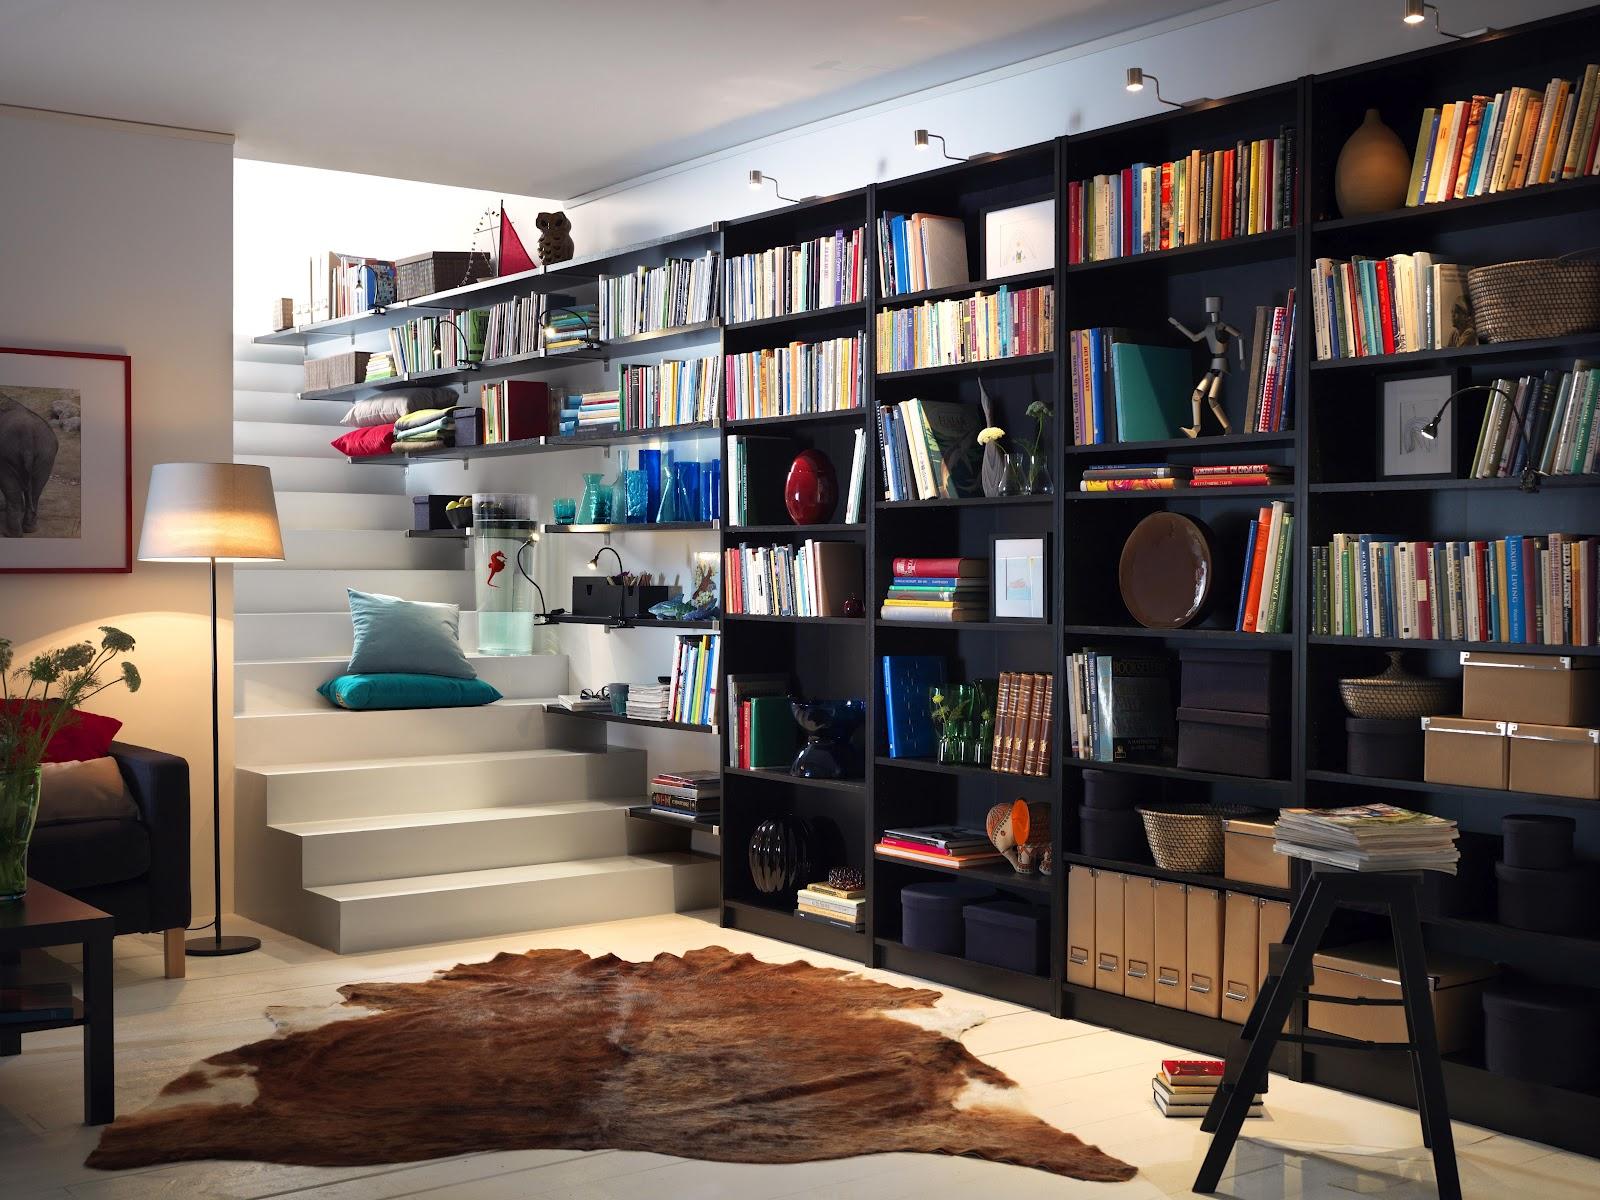 stor-væg-ikea-kreativ-boghylder-struktur-klarer-grand-monterede-væg-hylder-og-reoler-enhed-kombination-på-sort-toner-sammen-med-ledede-Focus-Lighting-ideer-ikea- kreative-boghylder-hjem-dec